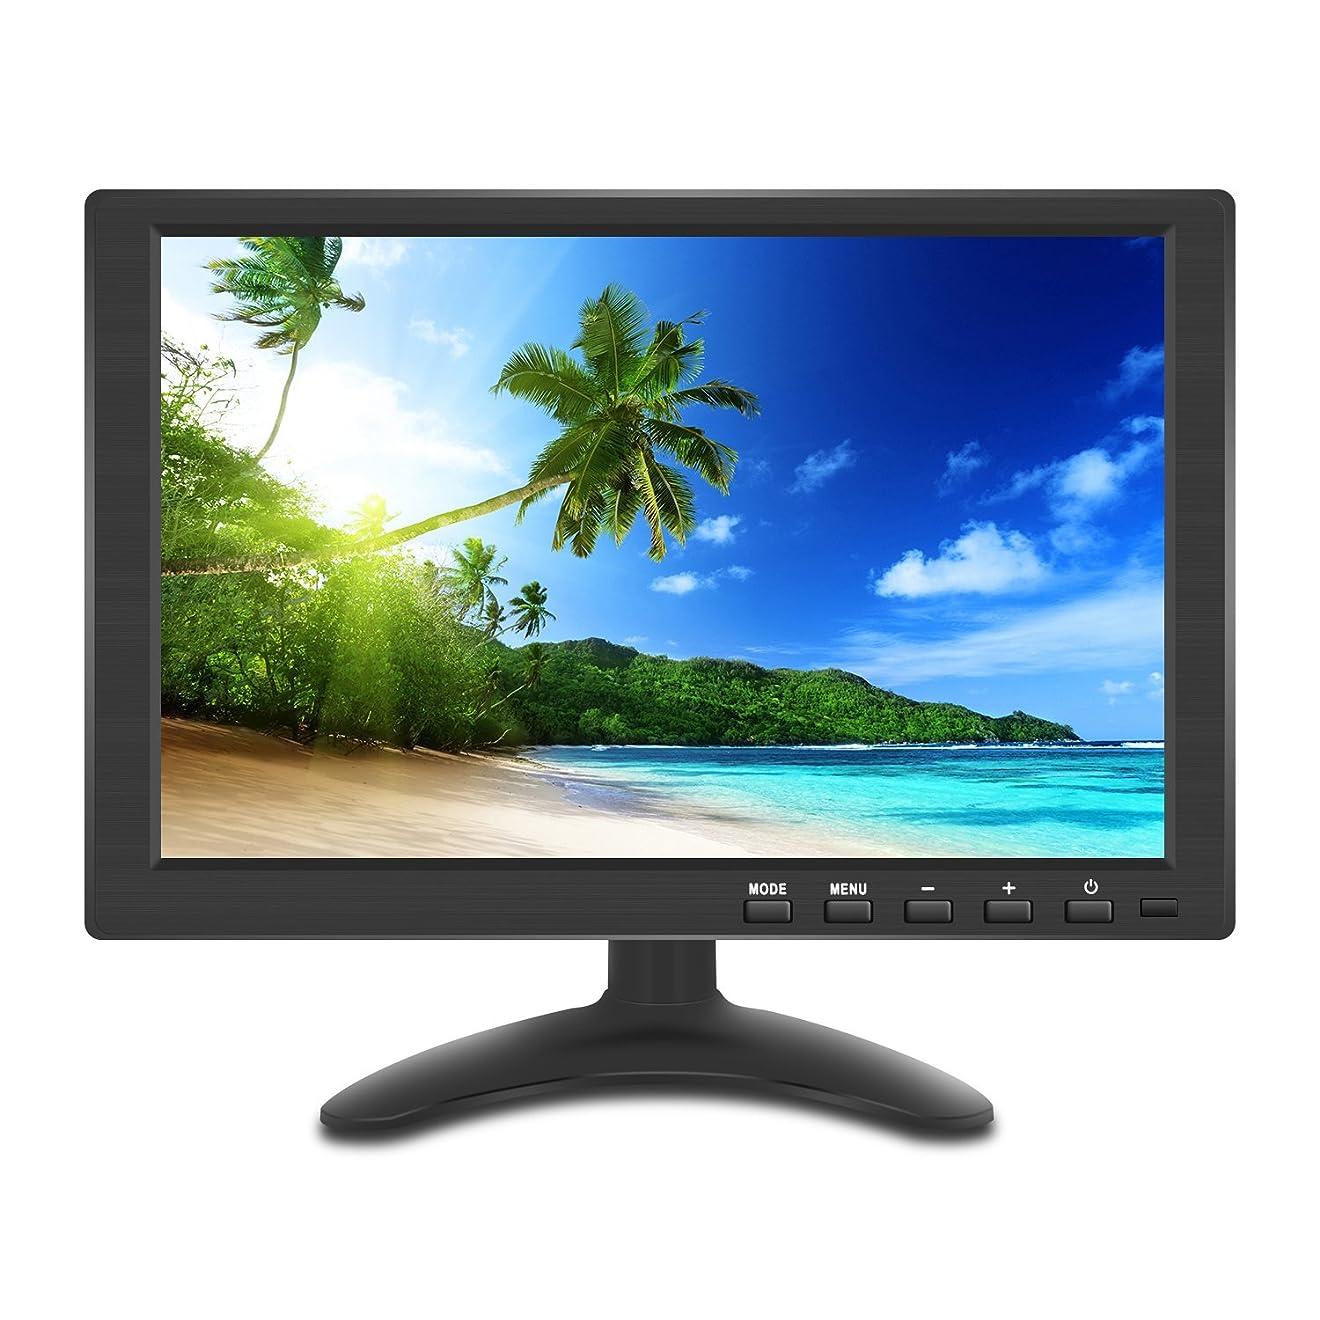 前湿地子供時代Dell モニター 19インチ 超広視野角/SXGA/IPS 非光沢/フリッカーフリー/ブルーライト軽減/DP,HDMI,D-Sub/高さ調整 回転/プレミアムパネル3年保証 P1917S